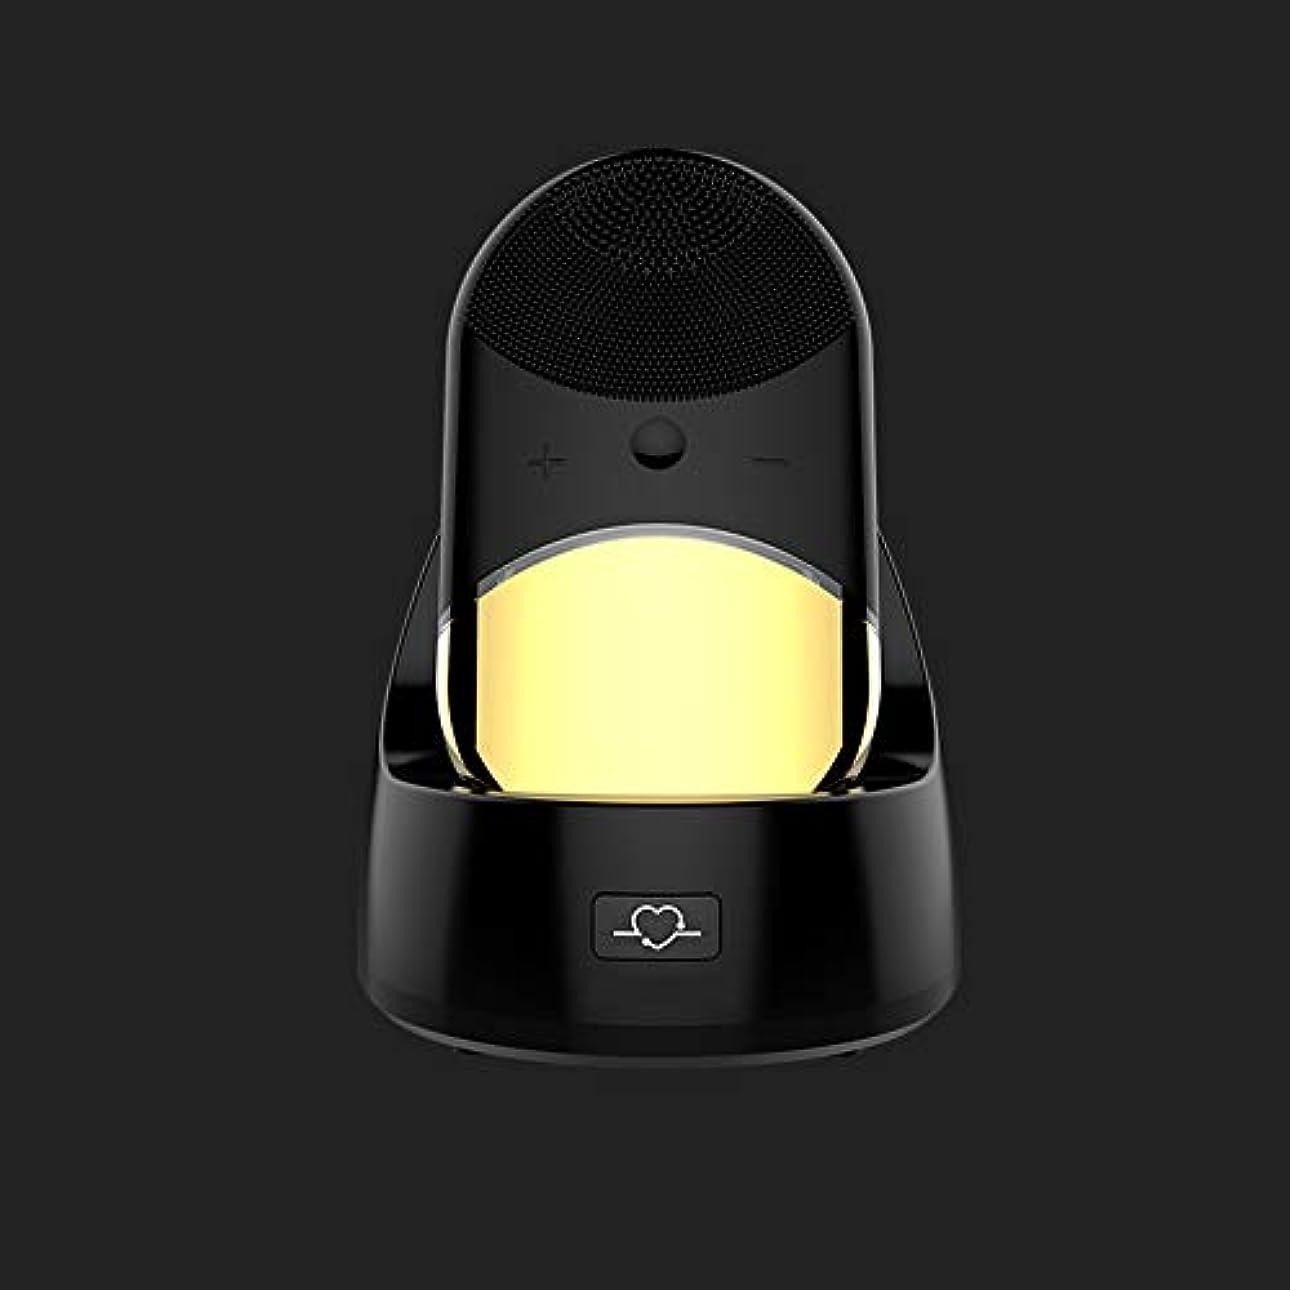 強盗ジャグリング殺しますZXF 新しい充電式シリコーン電気クレンジングブラシ45度マイルドとディープクリーンポア防水クレンジング器具マッサージ器具美容器具 滑らかである (色 : Black)